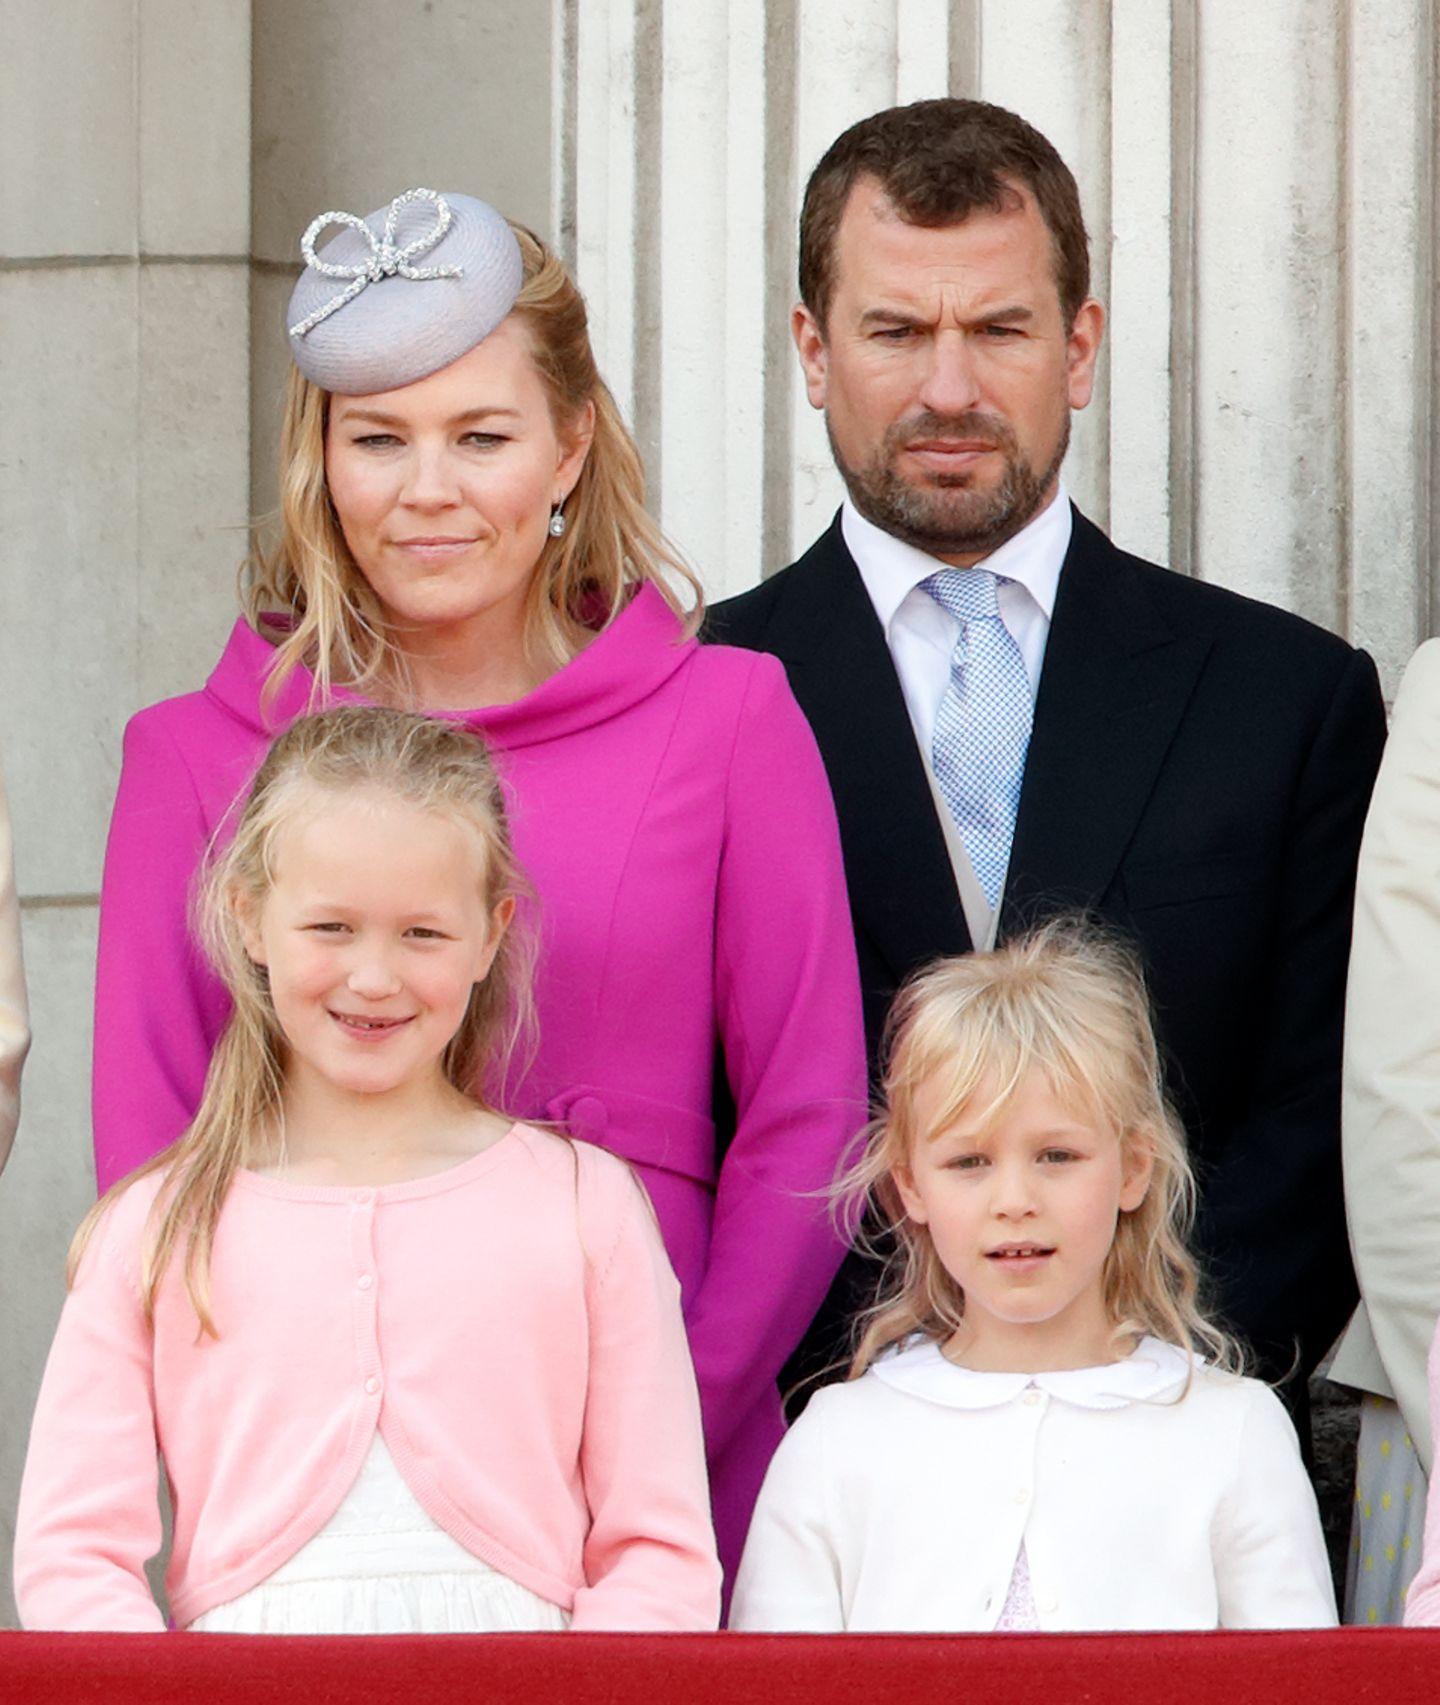 Plätze 18, 19und 20  Peter Phillips, der Sohn von Prinzessin Anne und Captain Mark Phillips, ist aktuell die Nummer 16 der Thronfolge. Er hat zwei Töchter mit Autumn Philips, geborene Kelly. Die ältere Savannah (links) belegt Platz 17, die jüngere Isla (rechts) Platz 18.